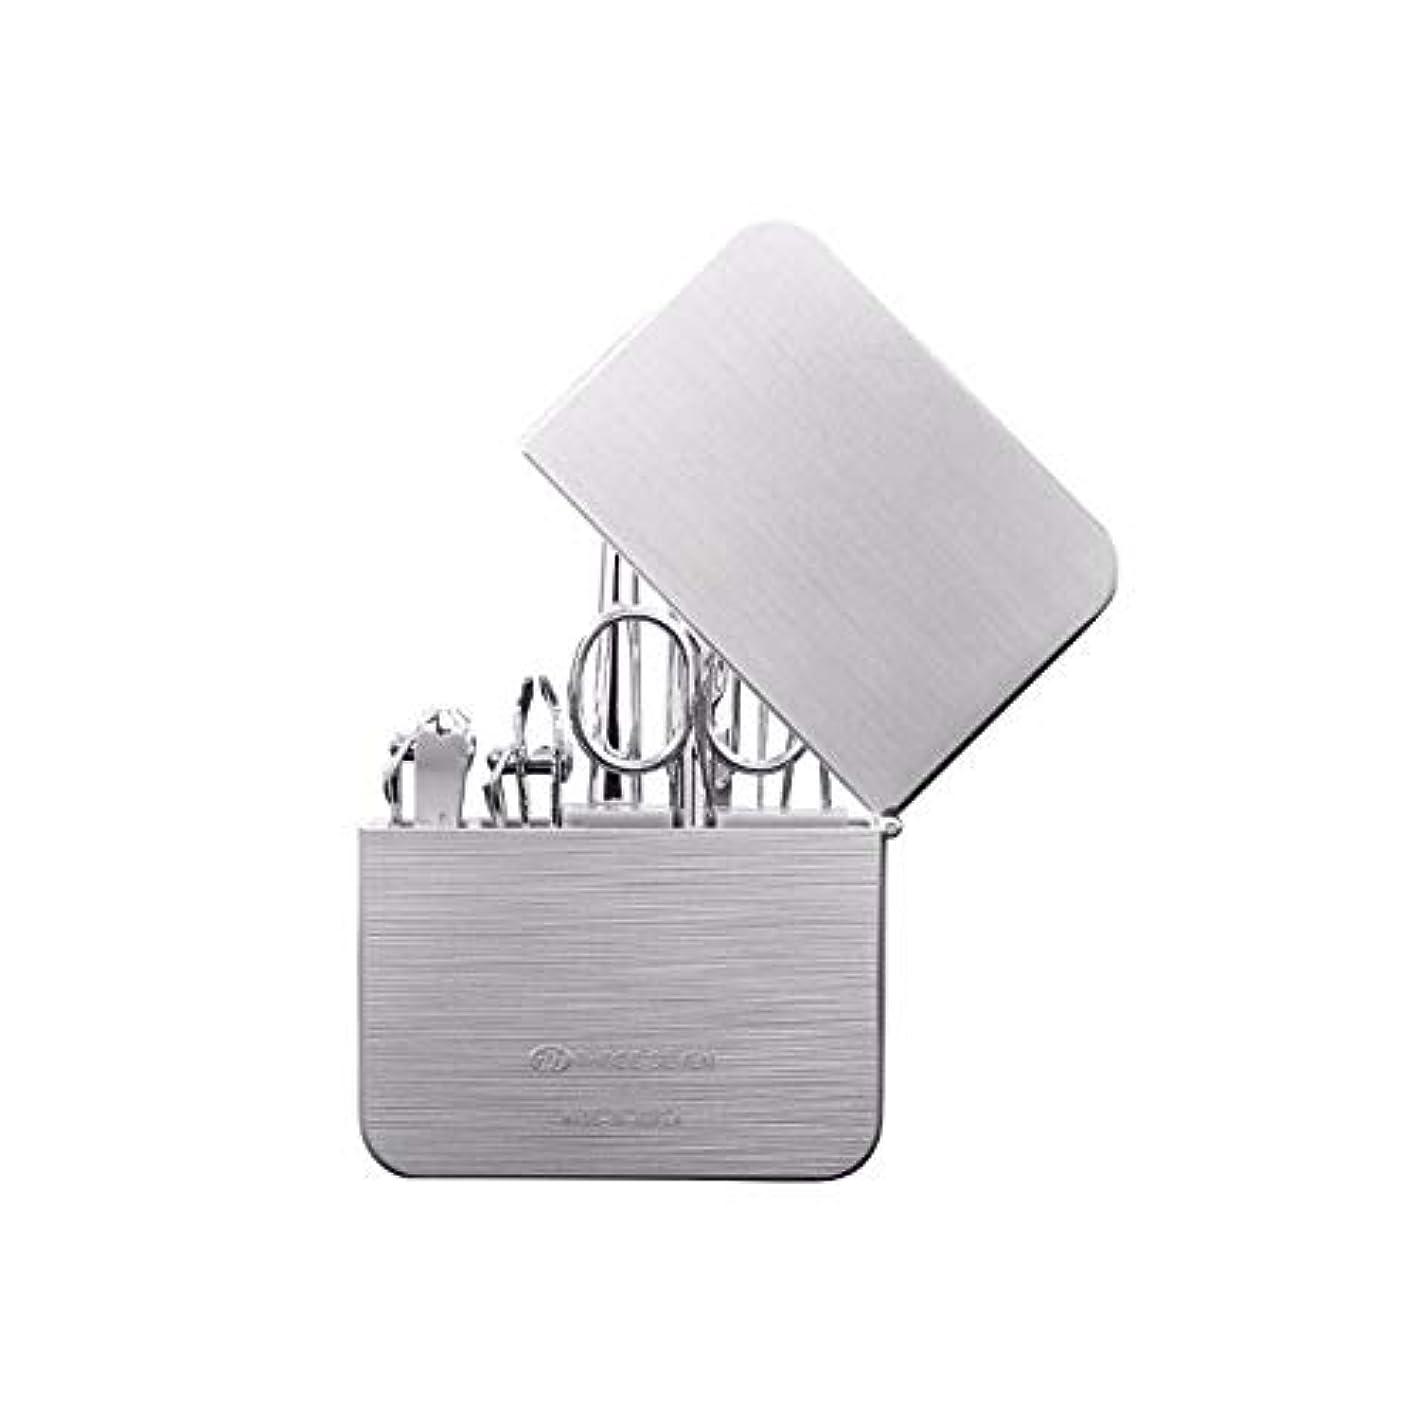 ゆりかごびっくり数学CHAHANG ネイルクリッパーを設定家庭用ネイルはさみネイルクリッパー耳スプーンペディキュアナイフセットパーソナルケア修復能力のコンビネーション7セット (Color : Silver)